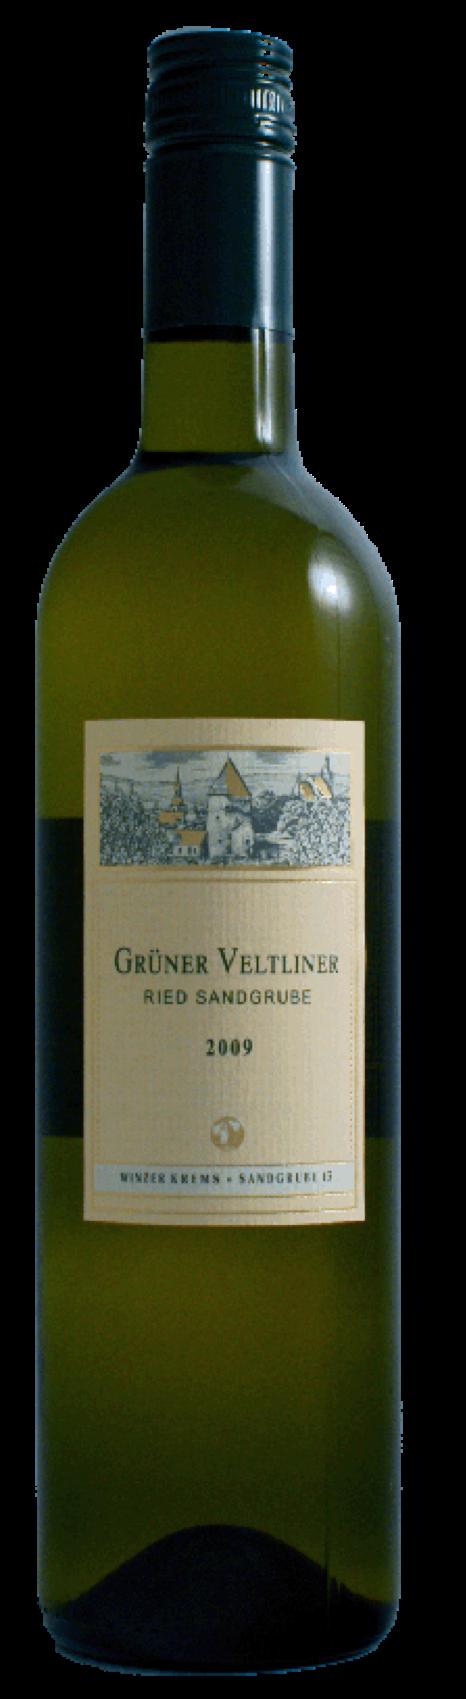 Kremser Sandgrube, Grüner Veltliner, trocken Winzer Krems, 2019